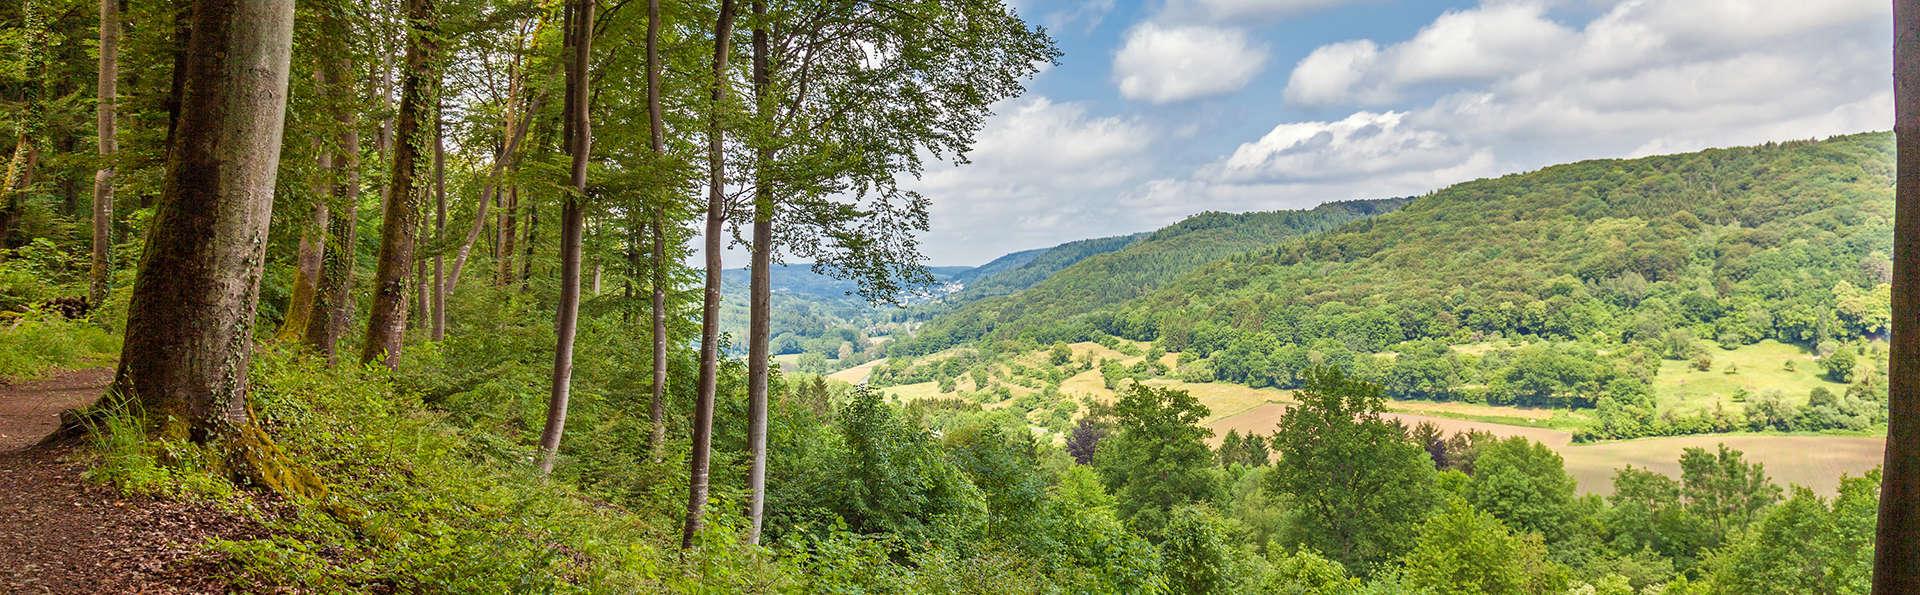 Escapade dans la petite Suisse luxembourgeoise